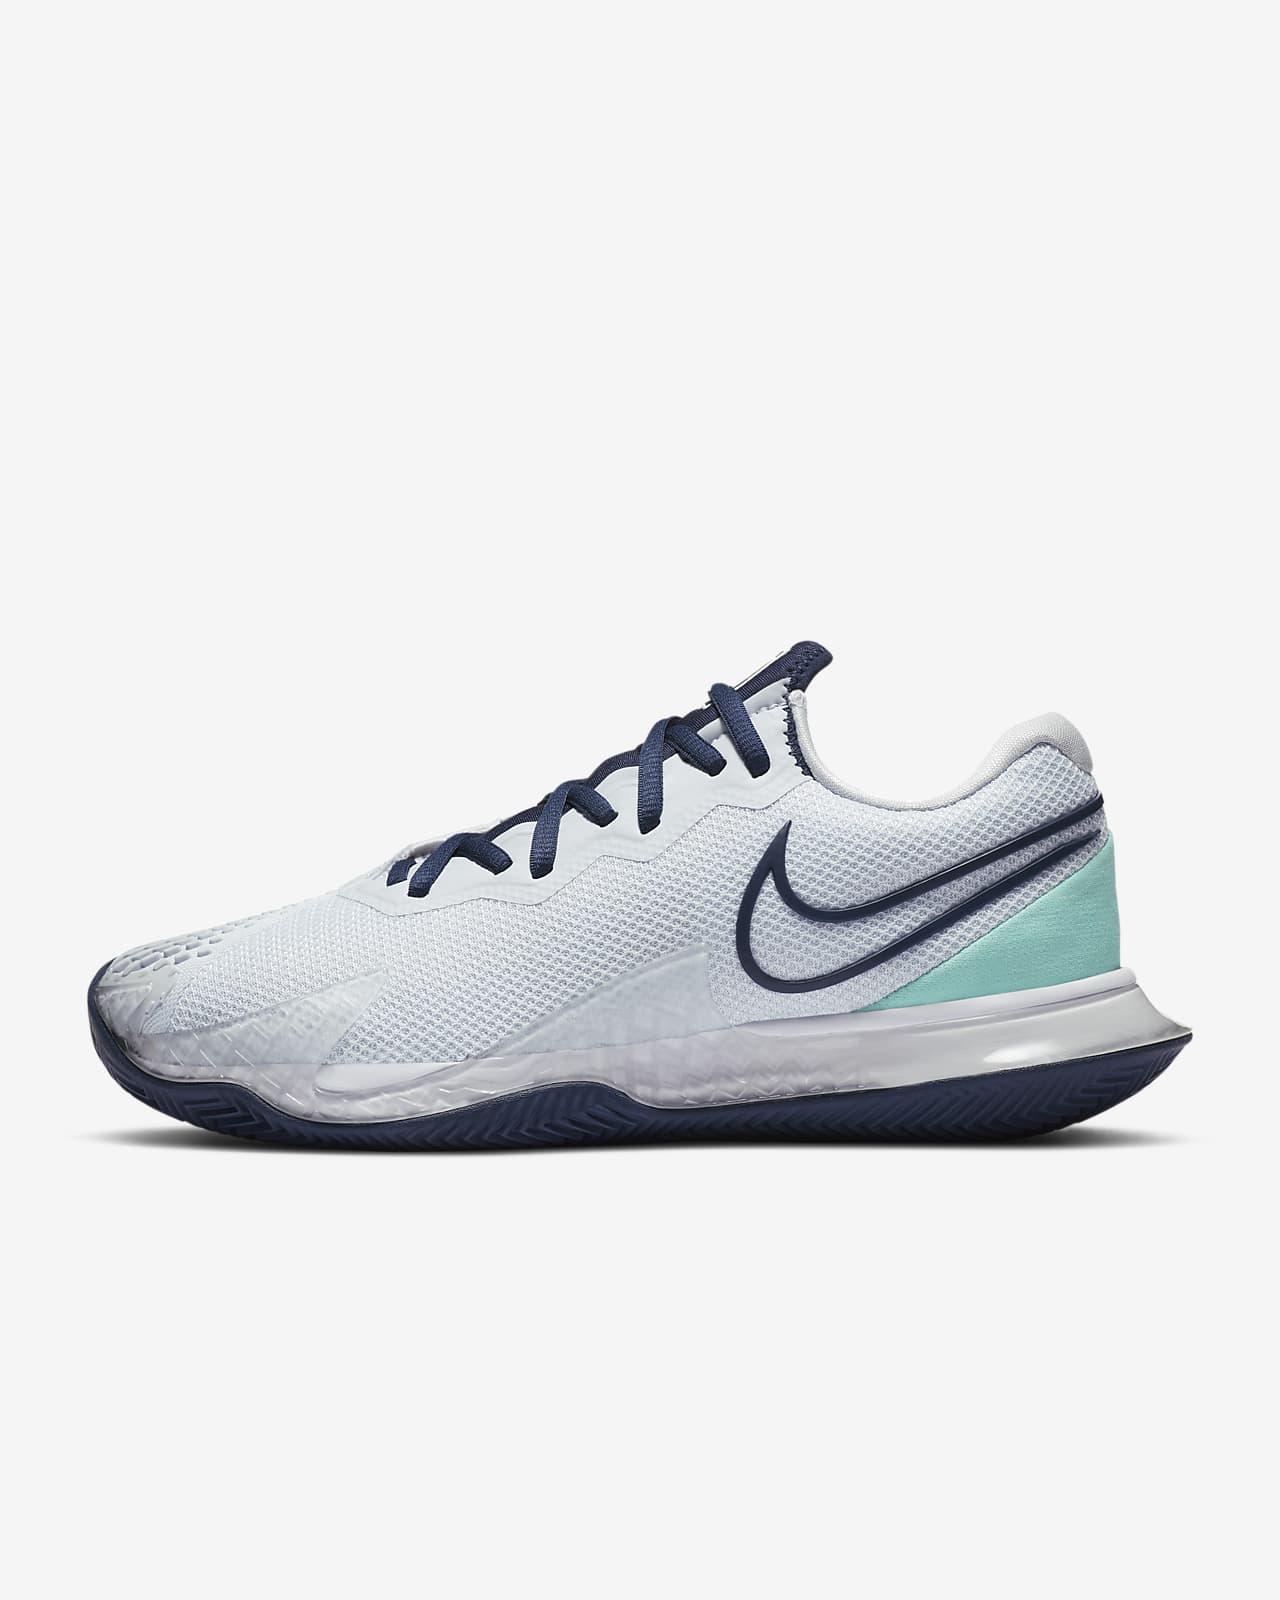 Γυναικείο παπούτσι τένις για χωμάτινα γήπεδα NikeCourt Air Zoom Vapor Cage 4